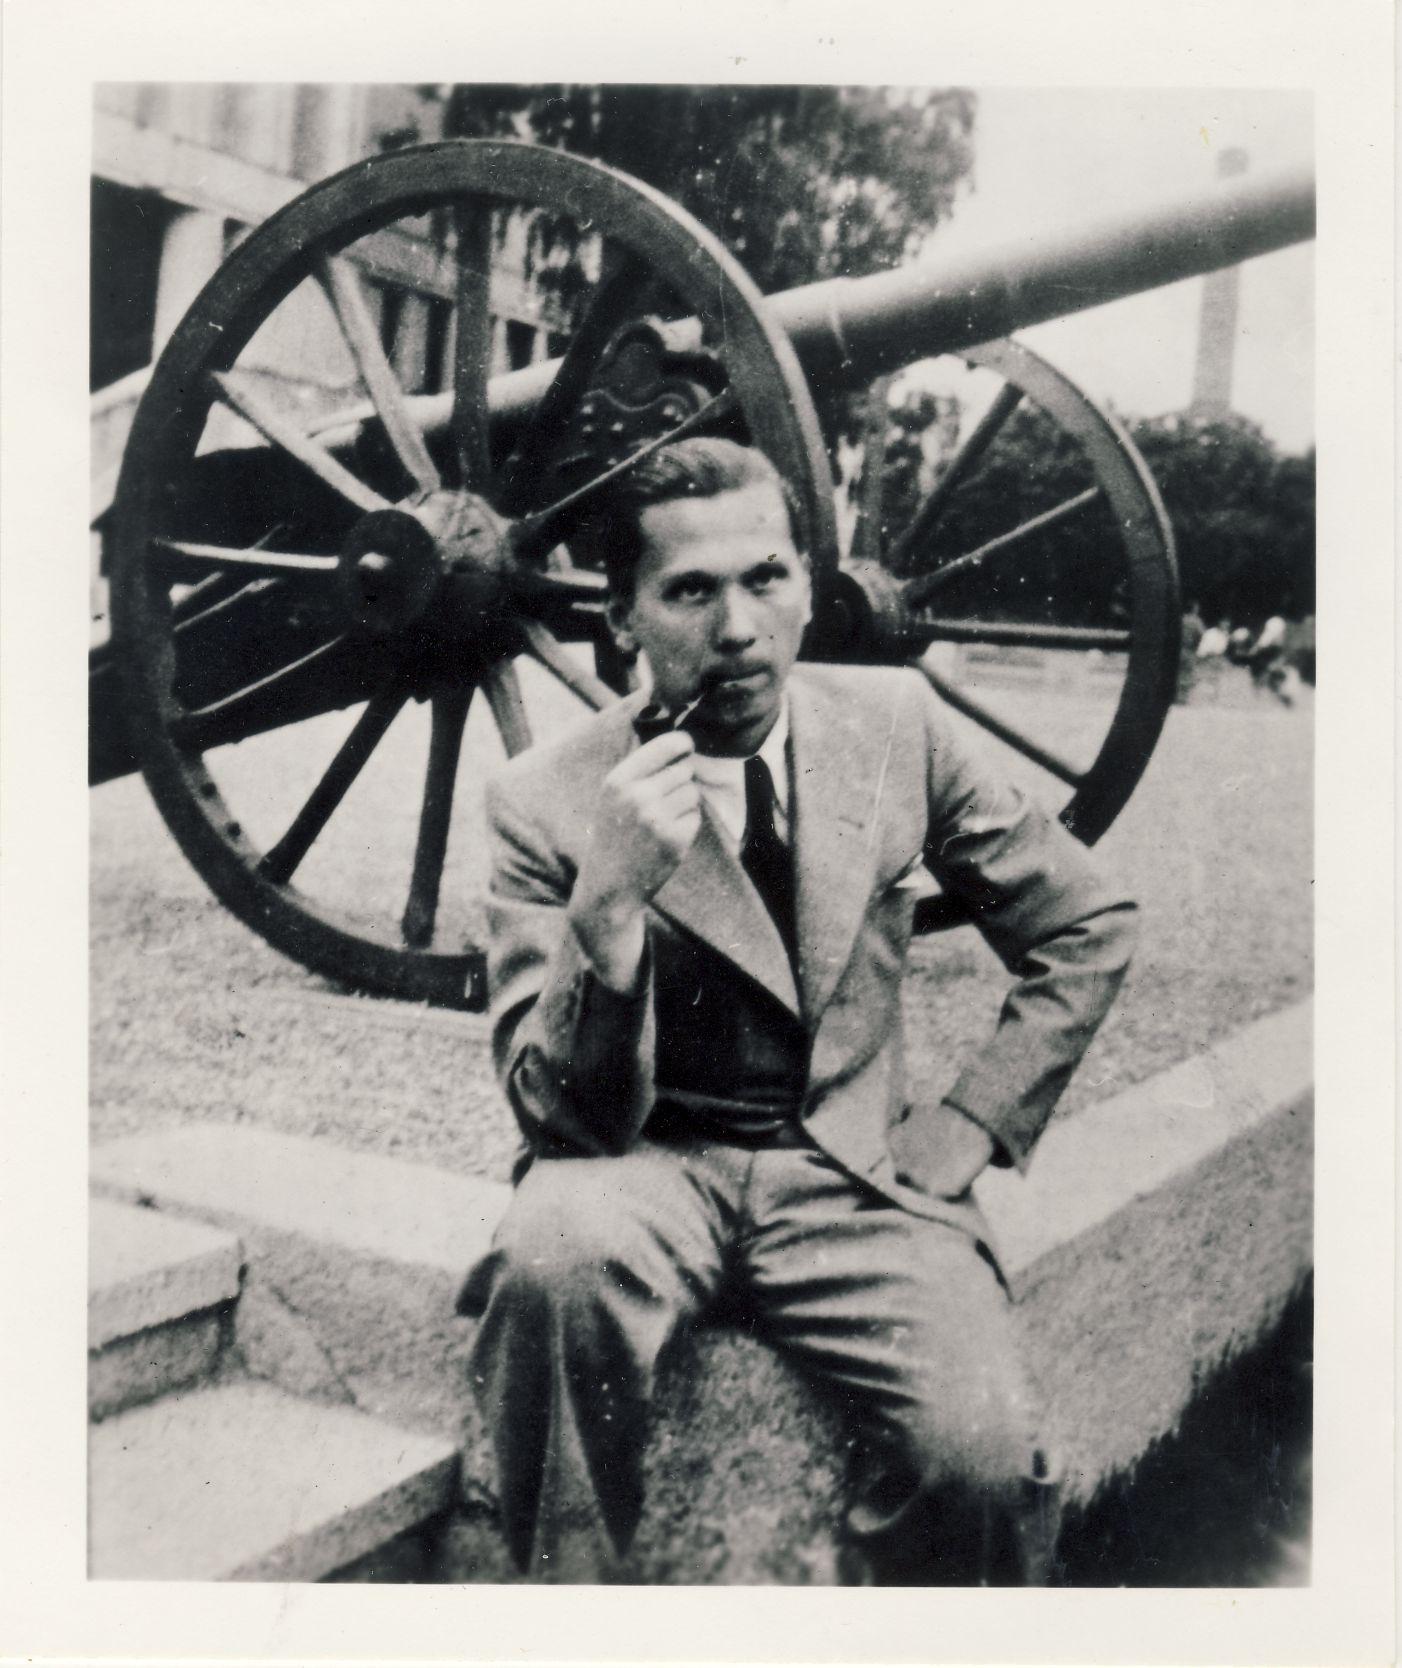 V. Sirijos Gira 1937 m. Kaune, prie Karo muziejaus